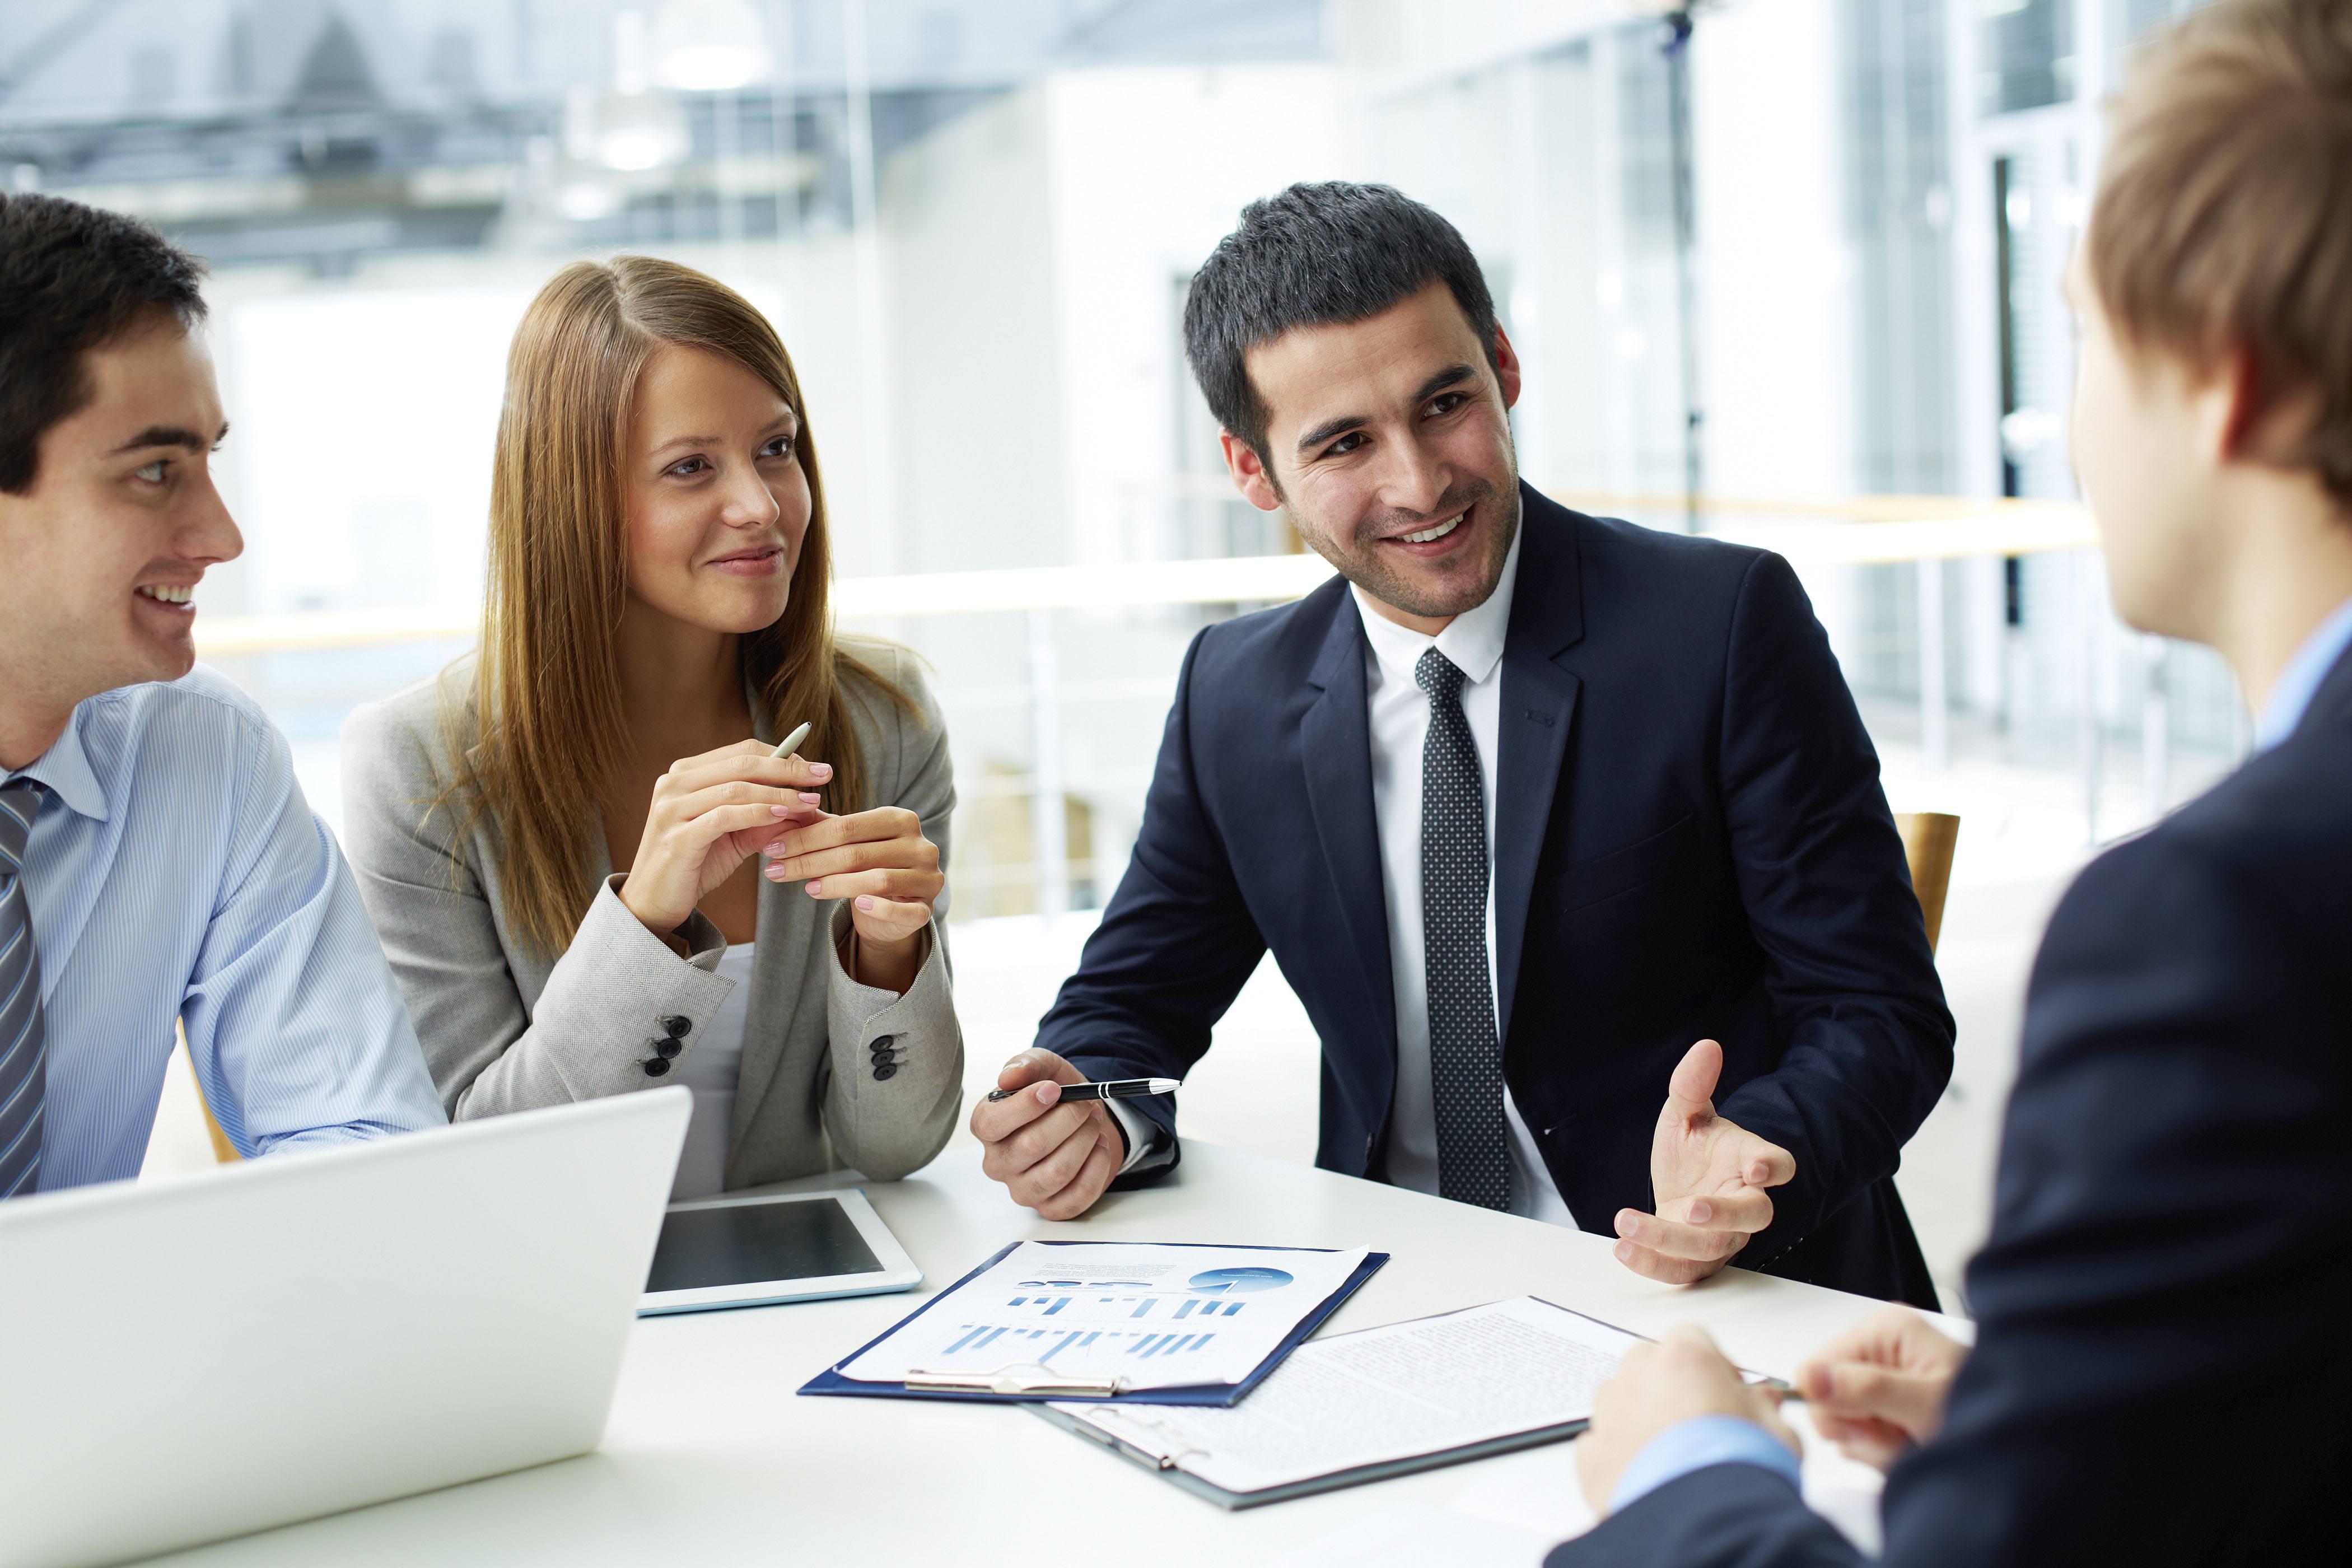 商务英语适合哪些人群?就业方向有哪些?